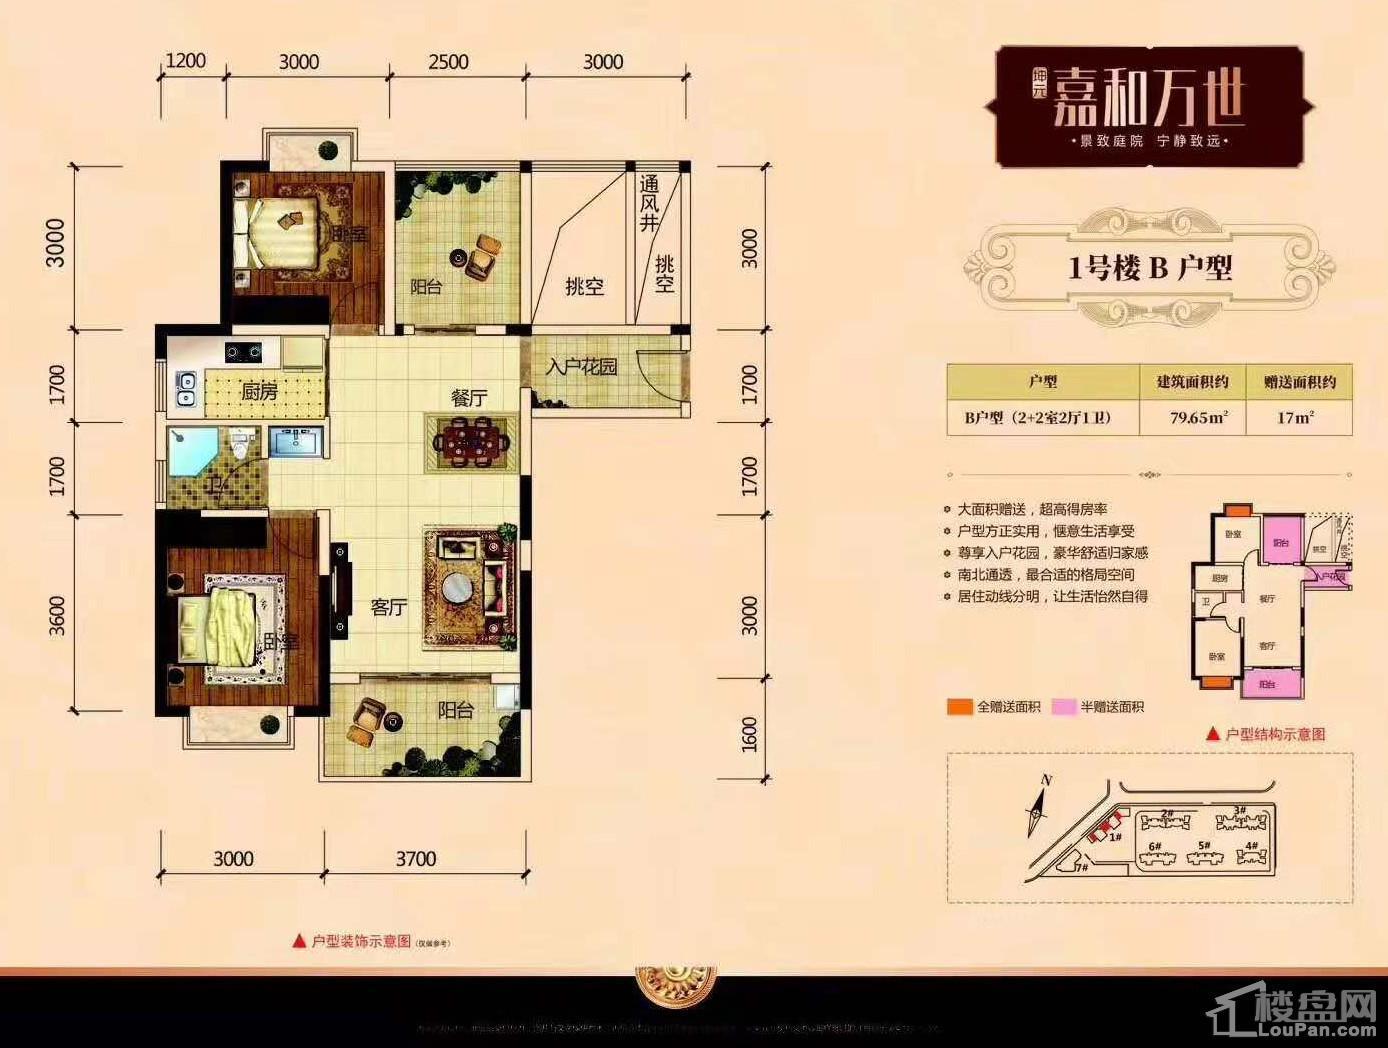 二期1号楼B户型(2+2室2厅1卫)79.65㎡赠送17㎡